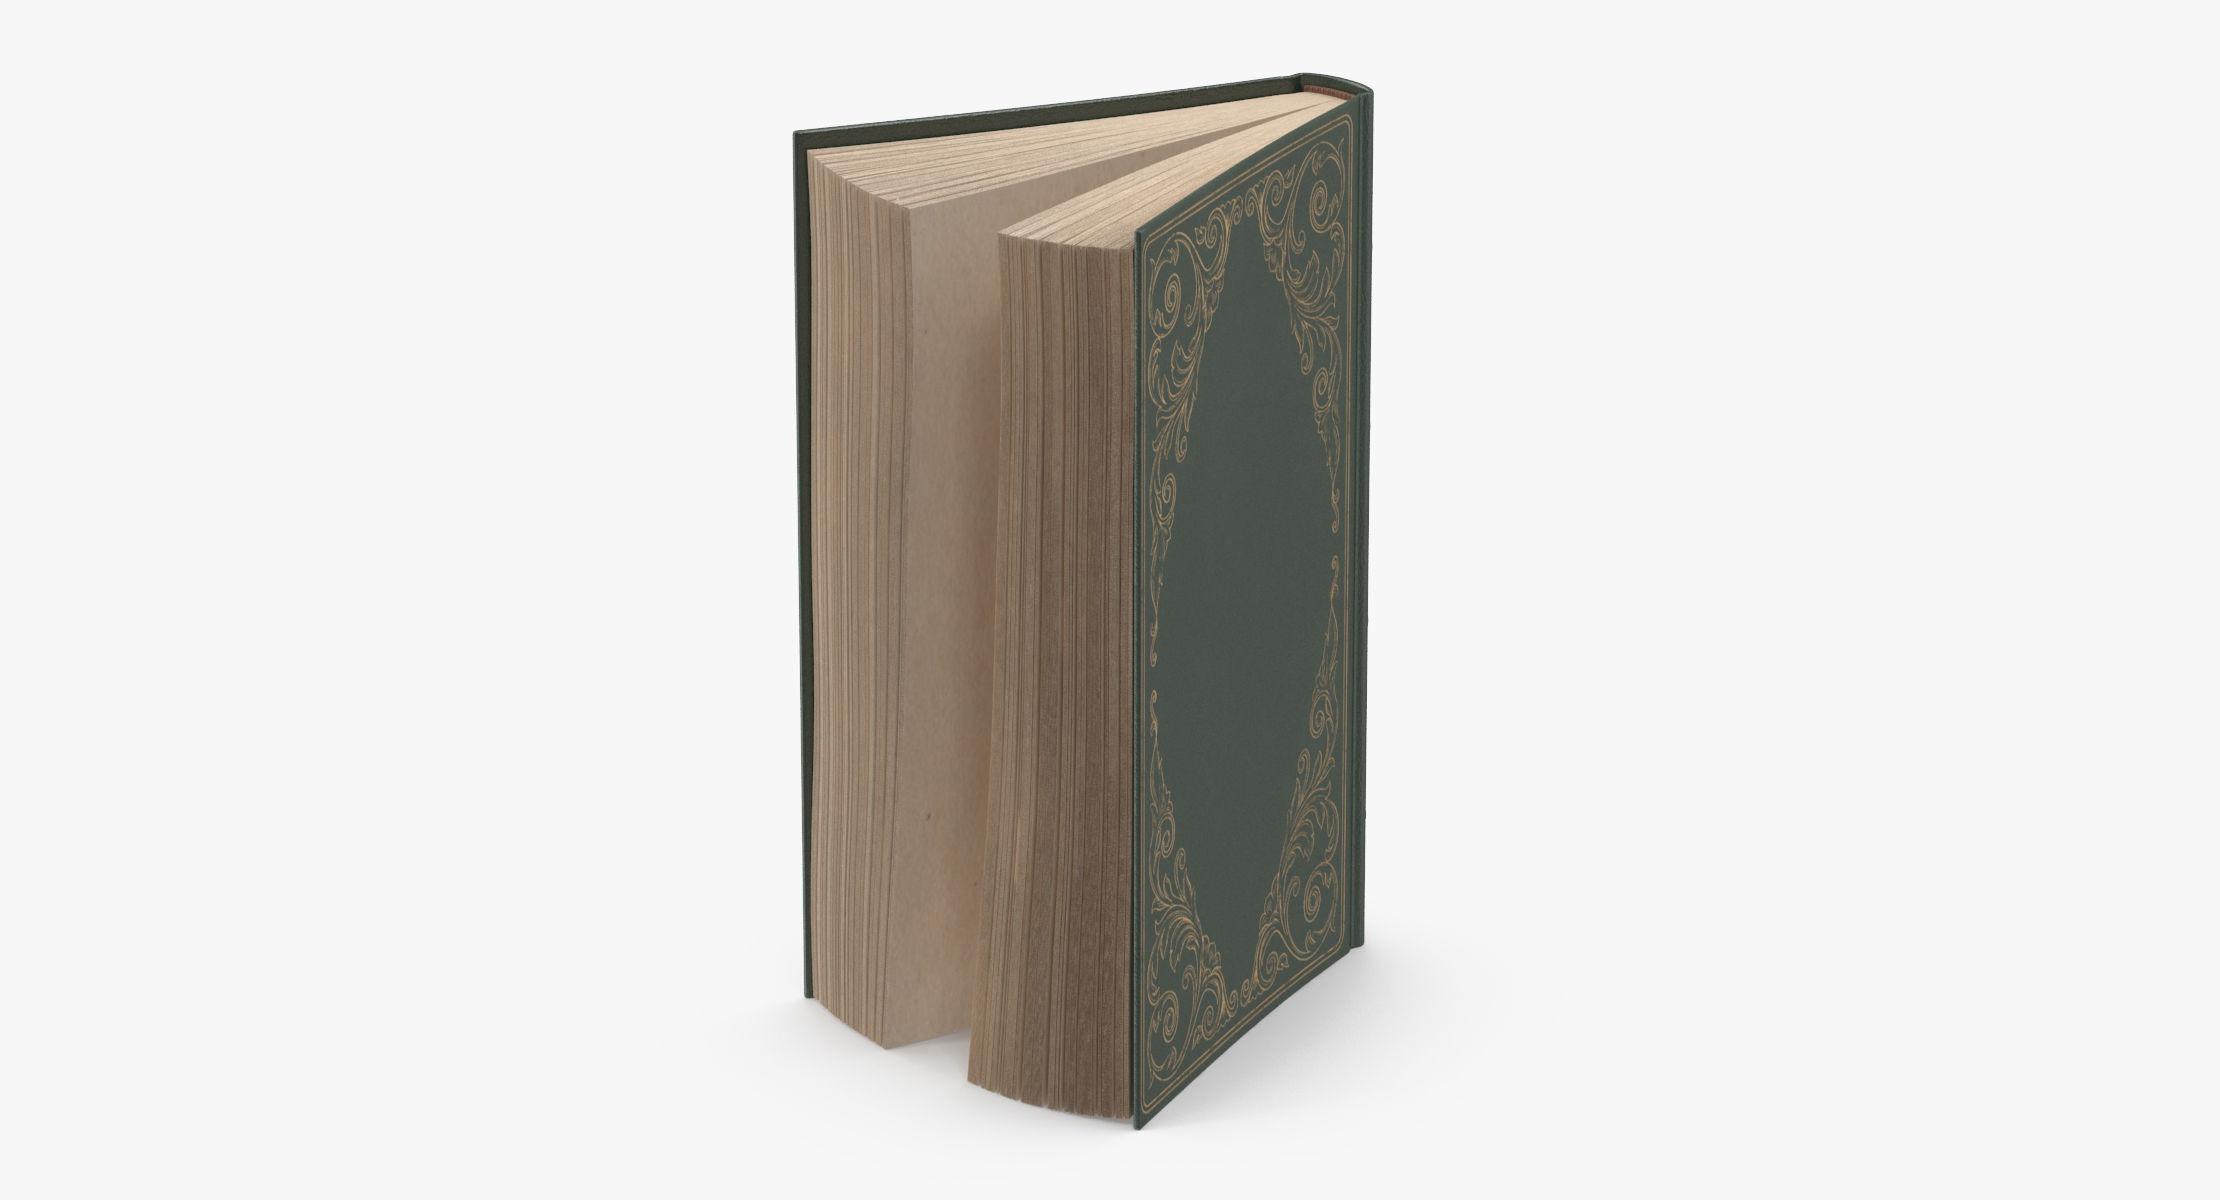 Classic Book 06 Standing Open - reel 1